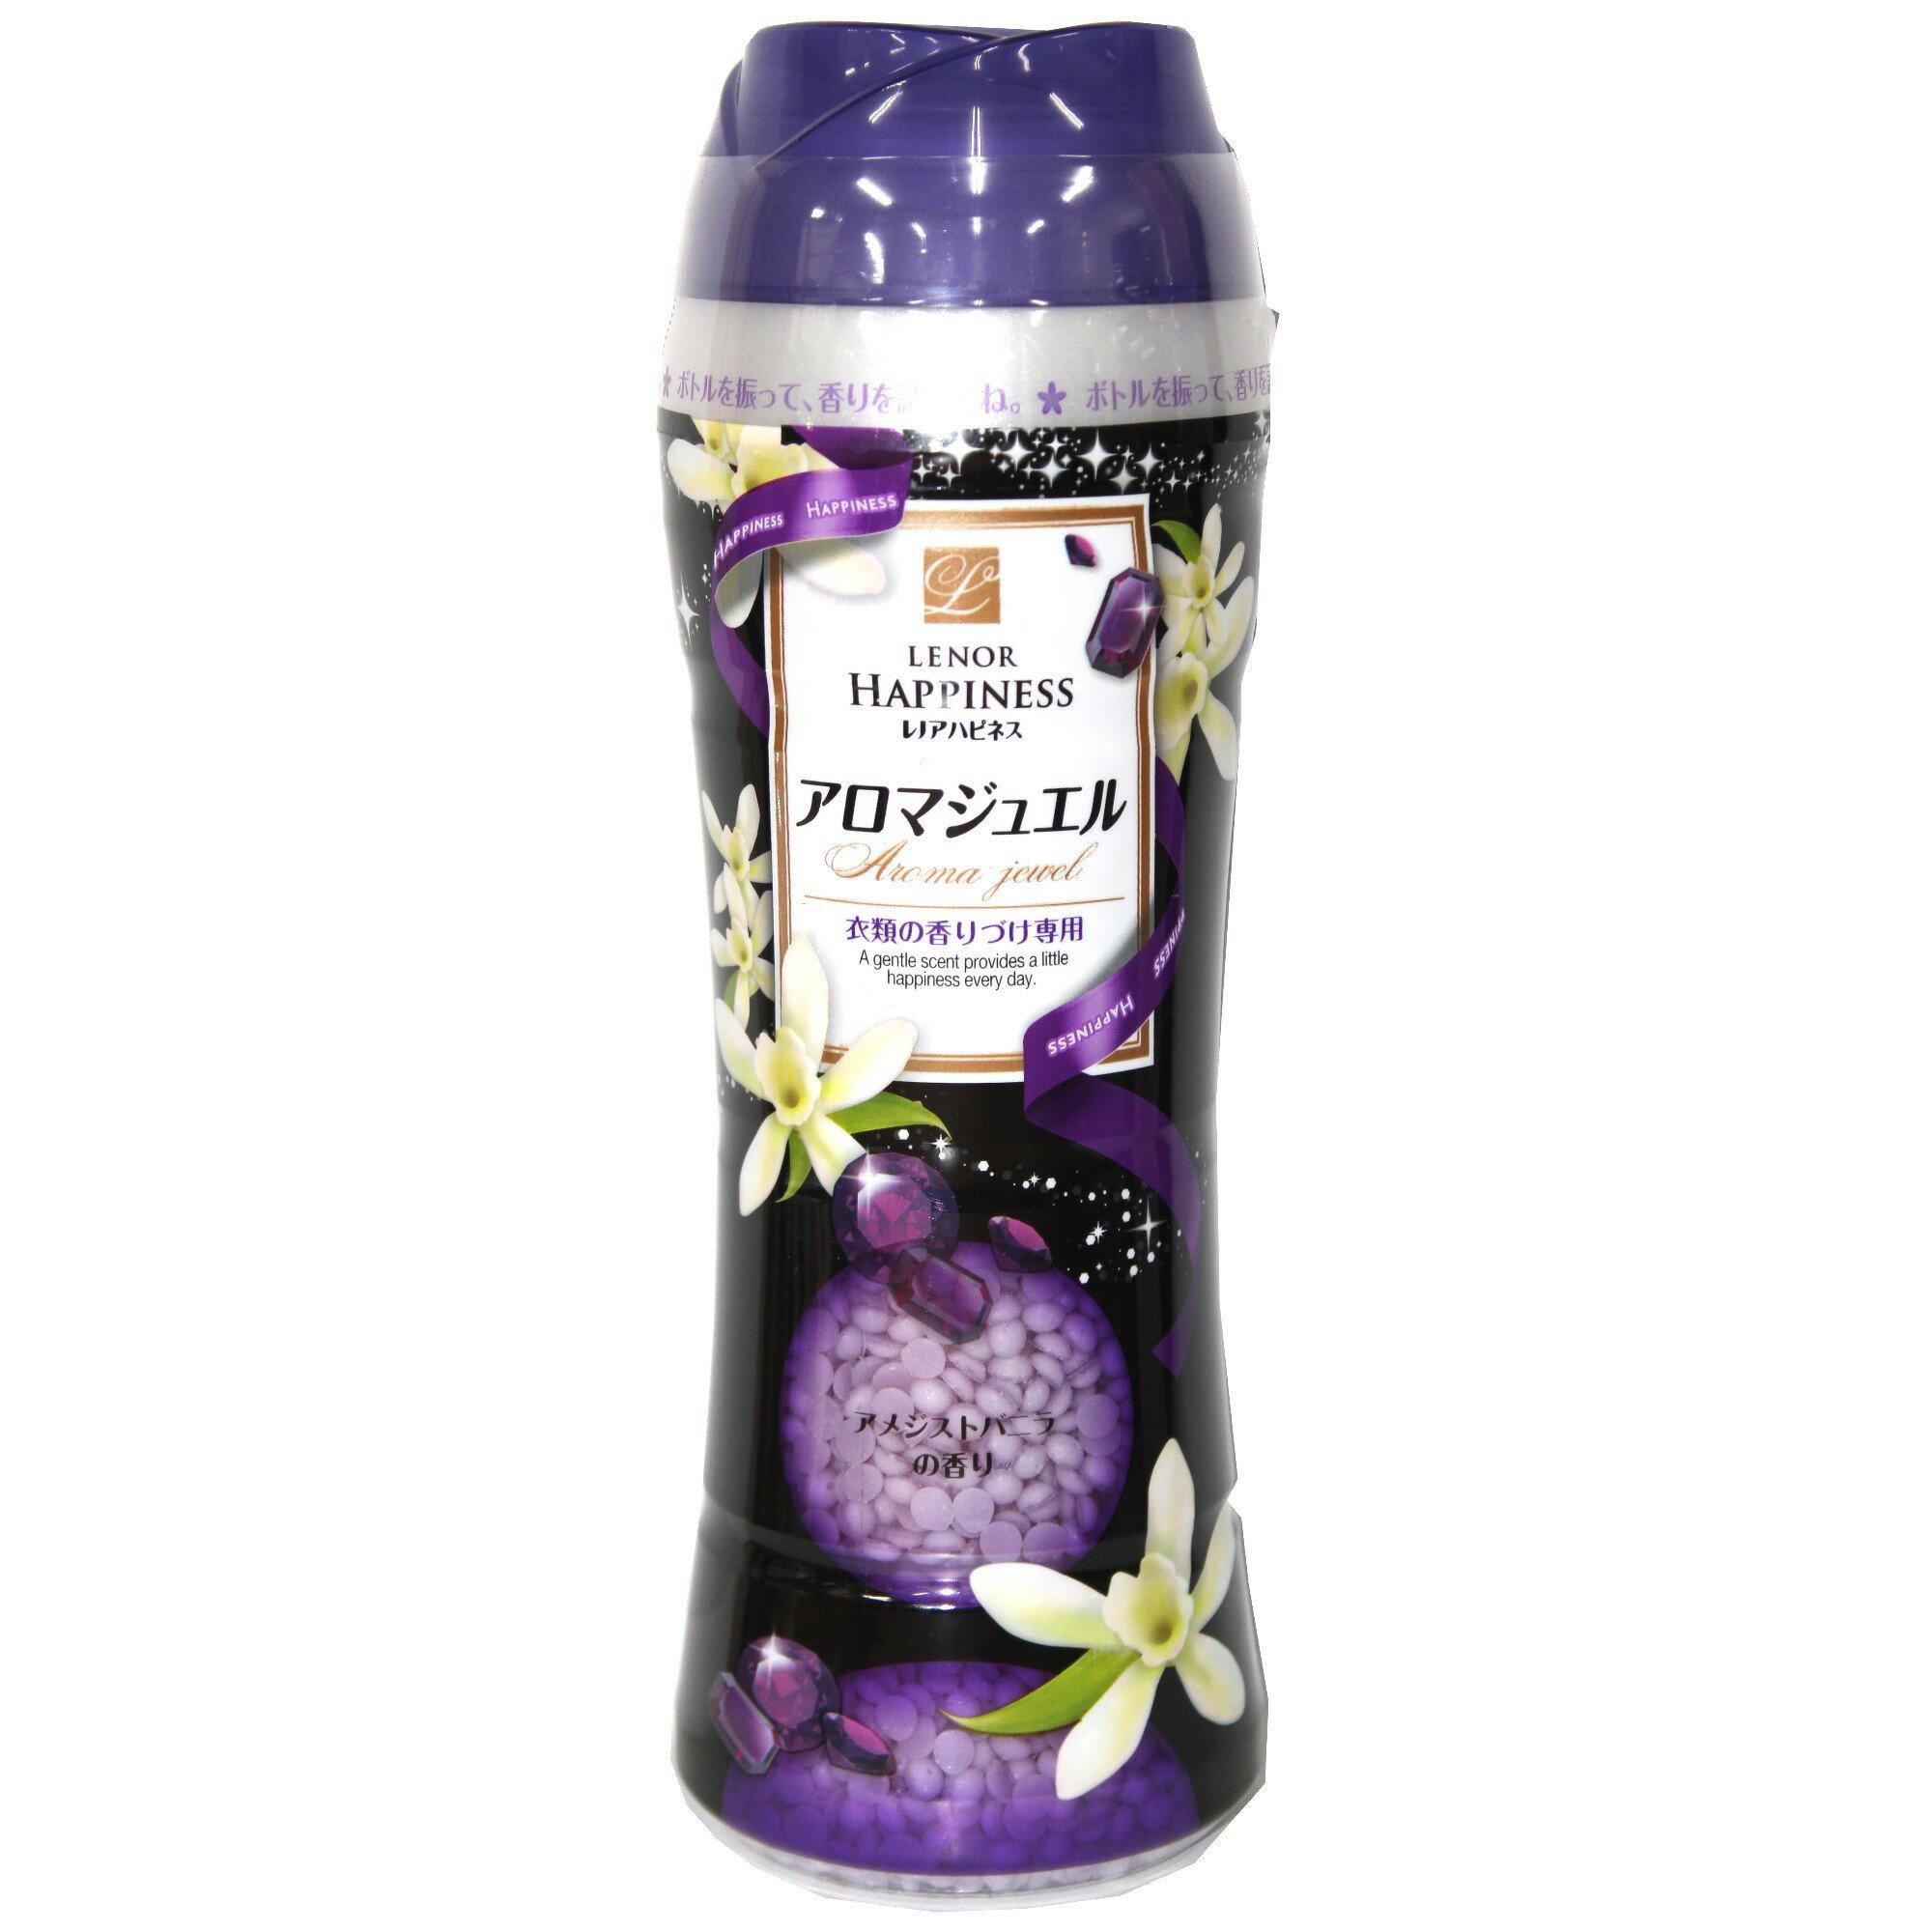 日本 P&G LENOR 洗衣芳香顆粒-紫晶香草 375g